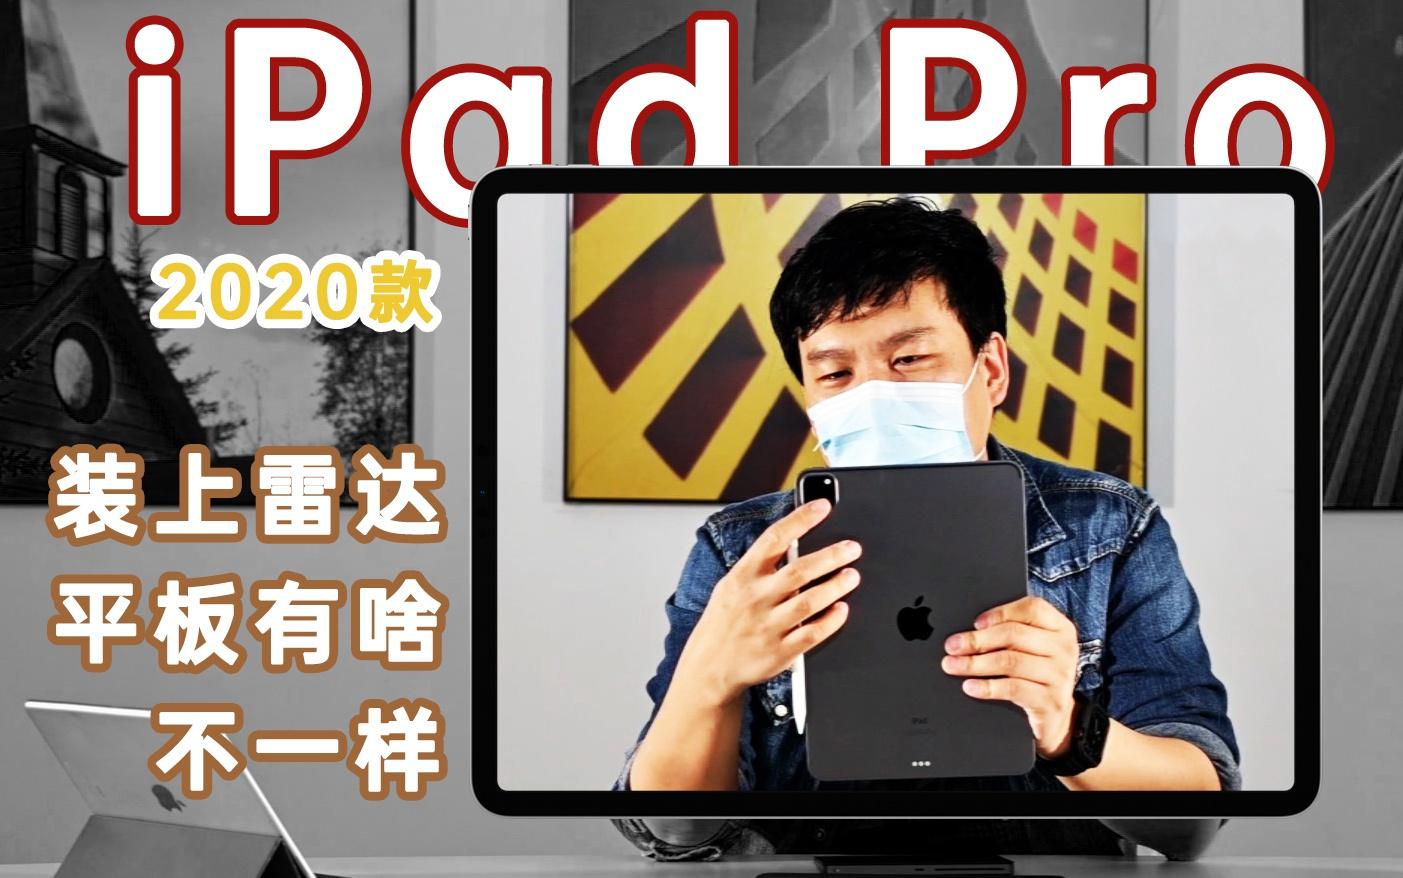 2020款iPad Pro评测:平板 雷达=?